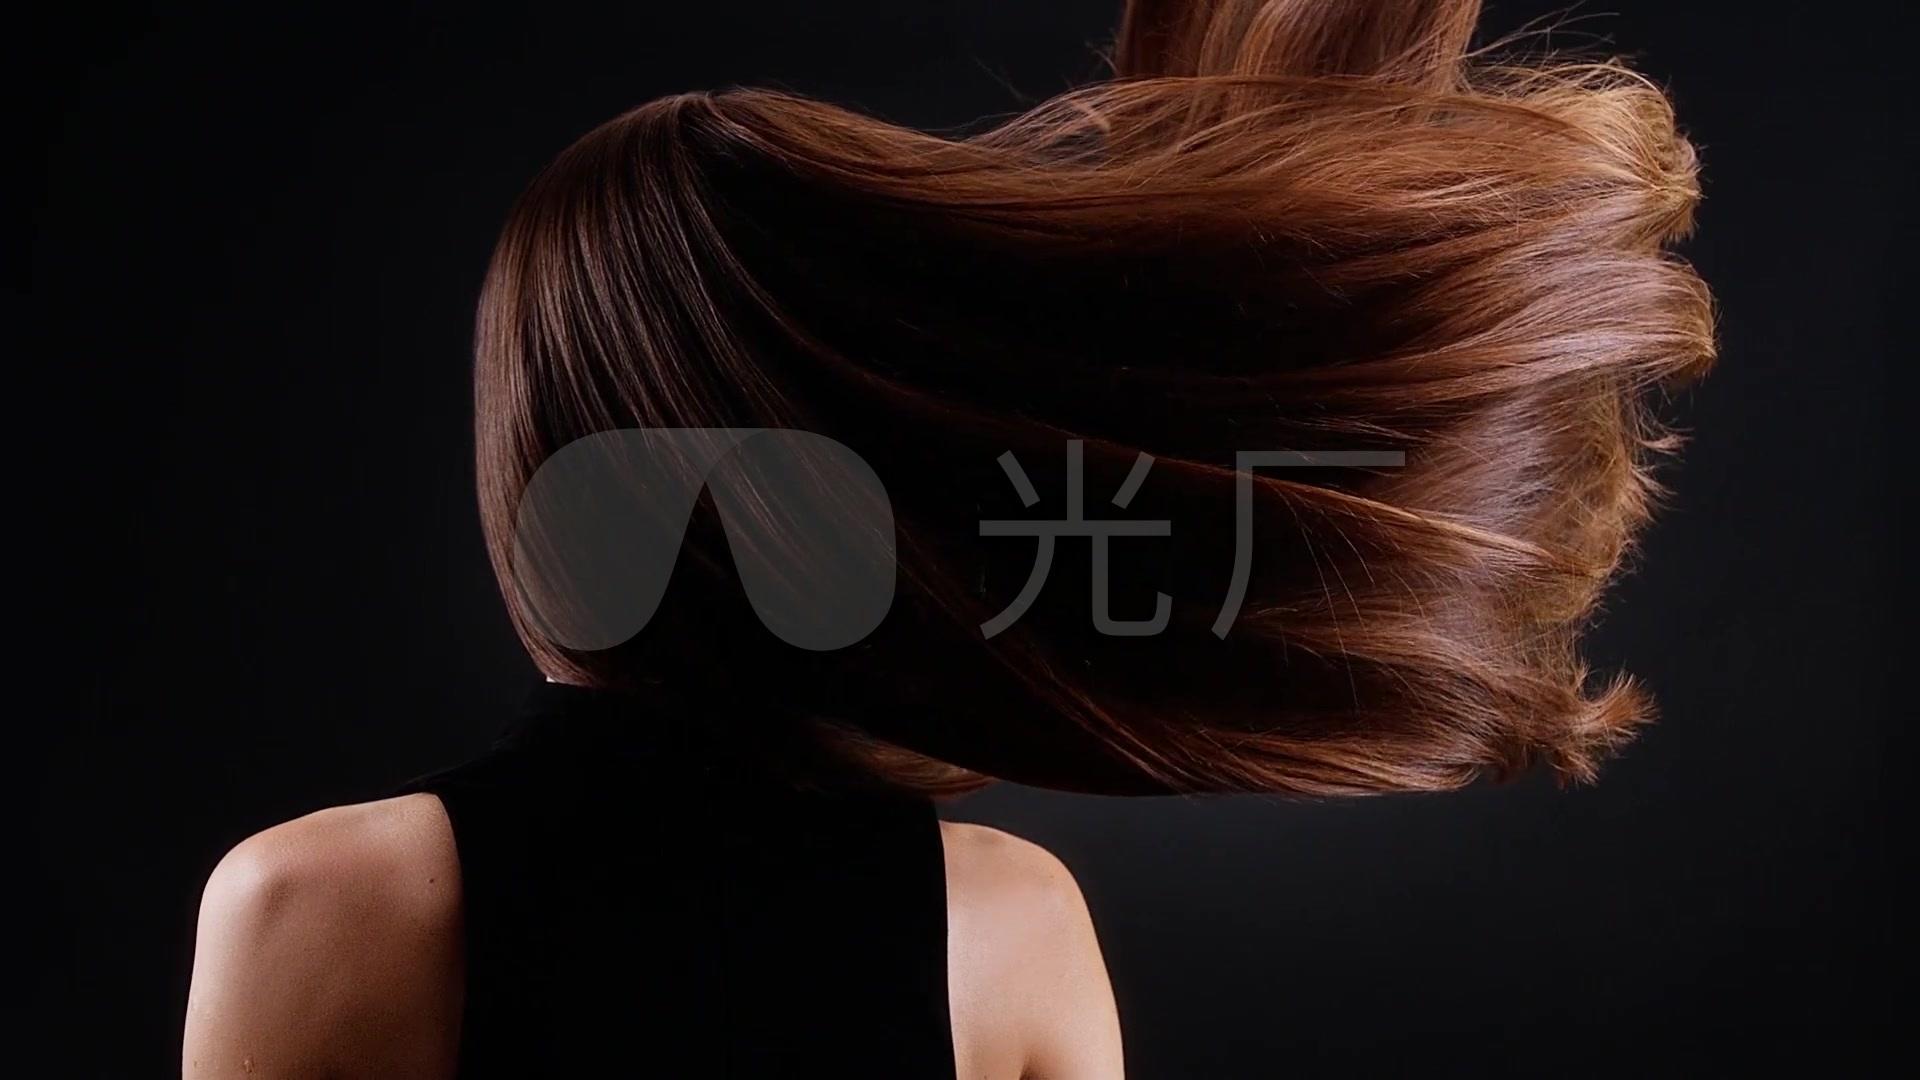 美女模特头发发丝秀发总裁与美女张铁根a发丝秀发_1920X1080_图片